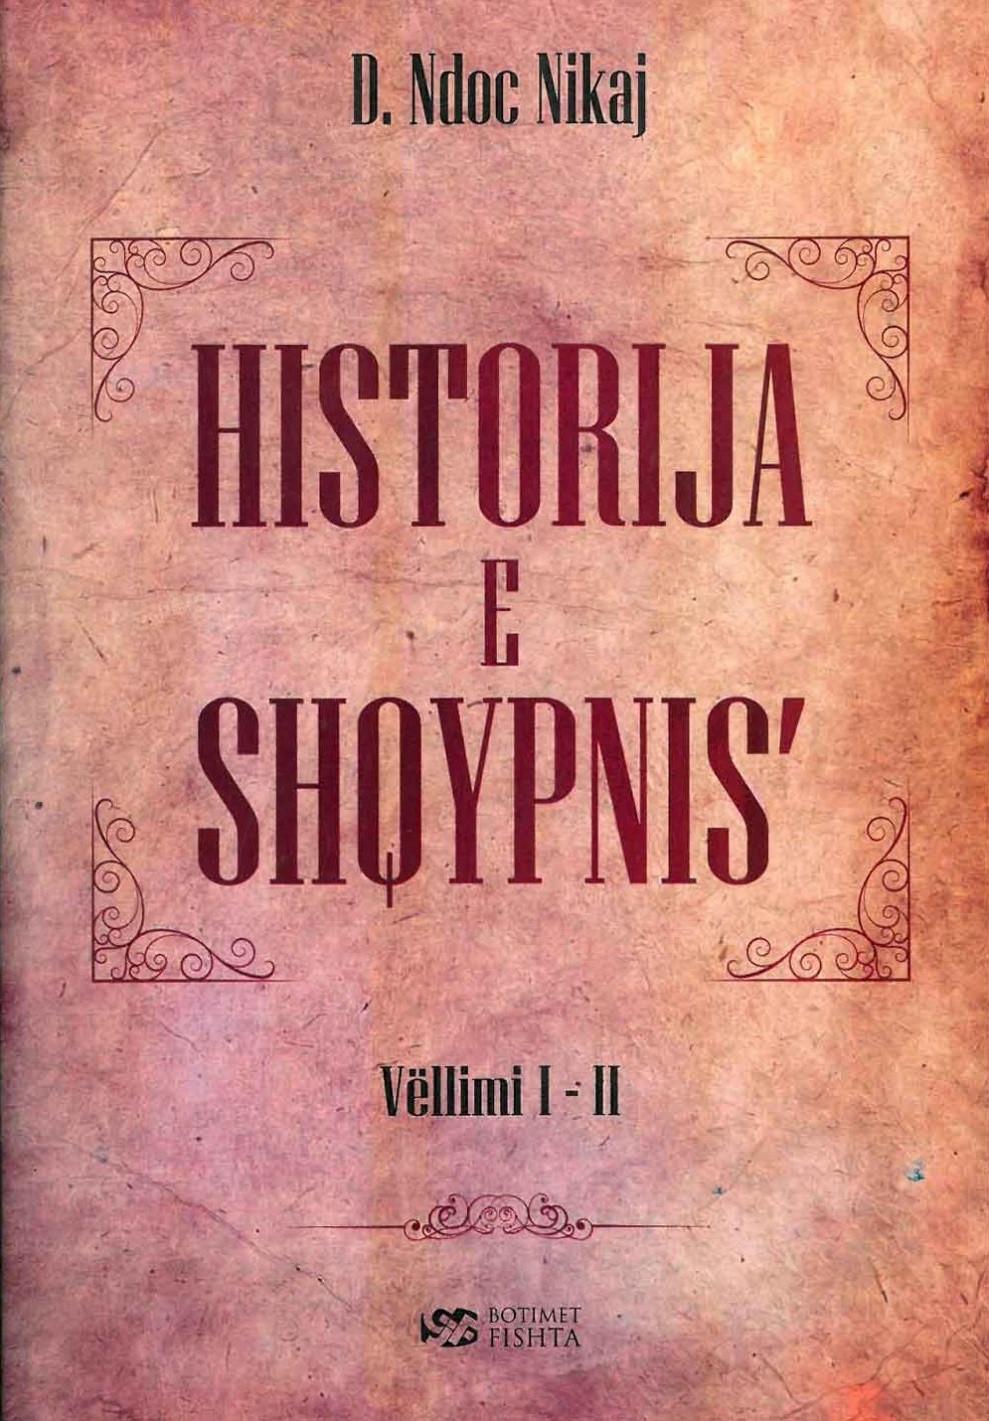 Historija e Shqypnise